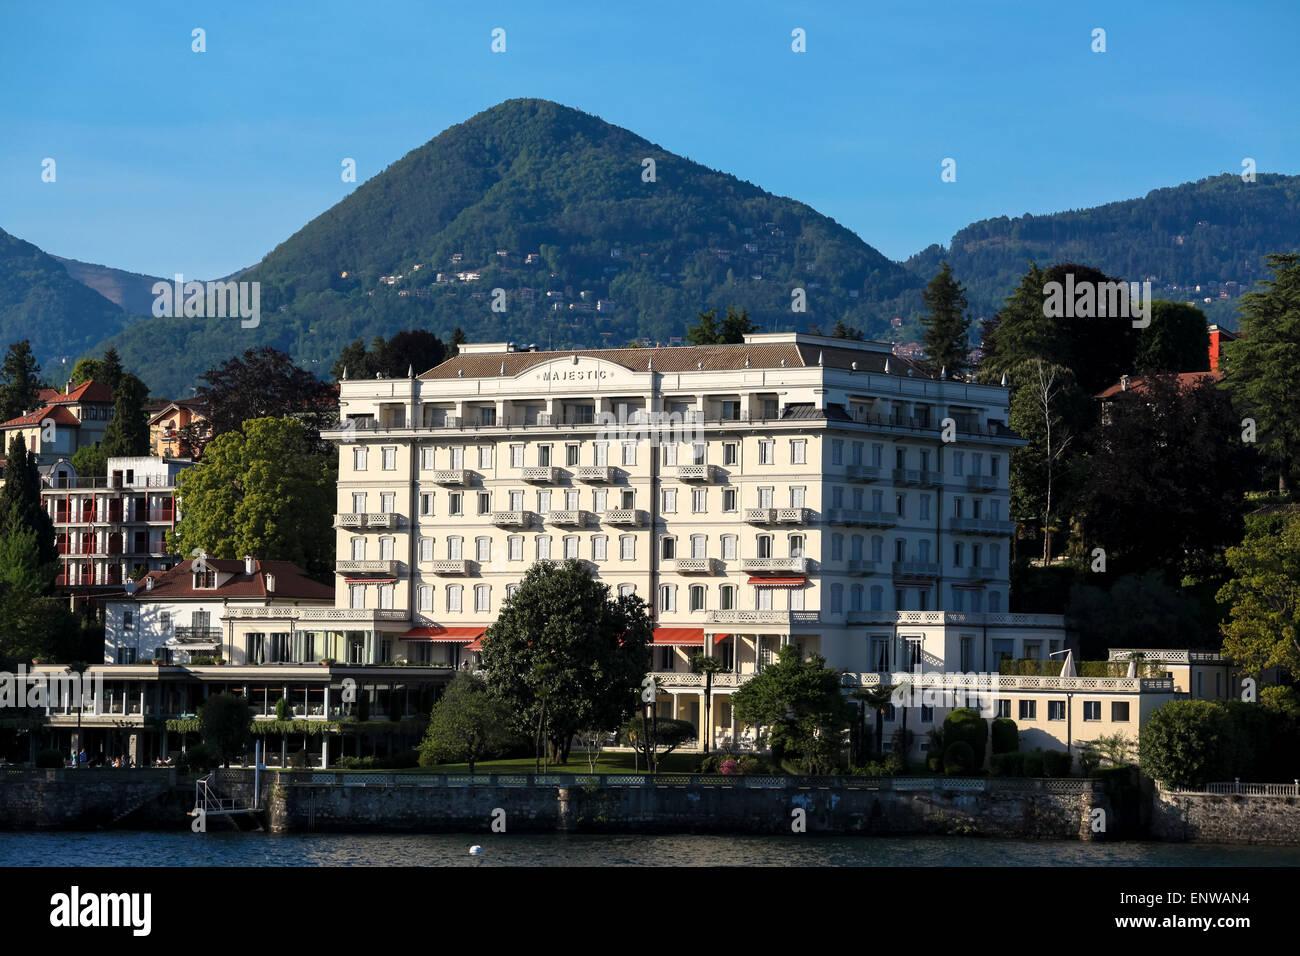 Verbania Pallanza Grand Hotel Majestic